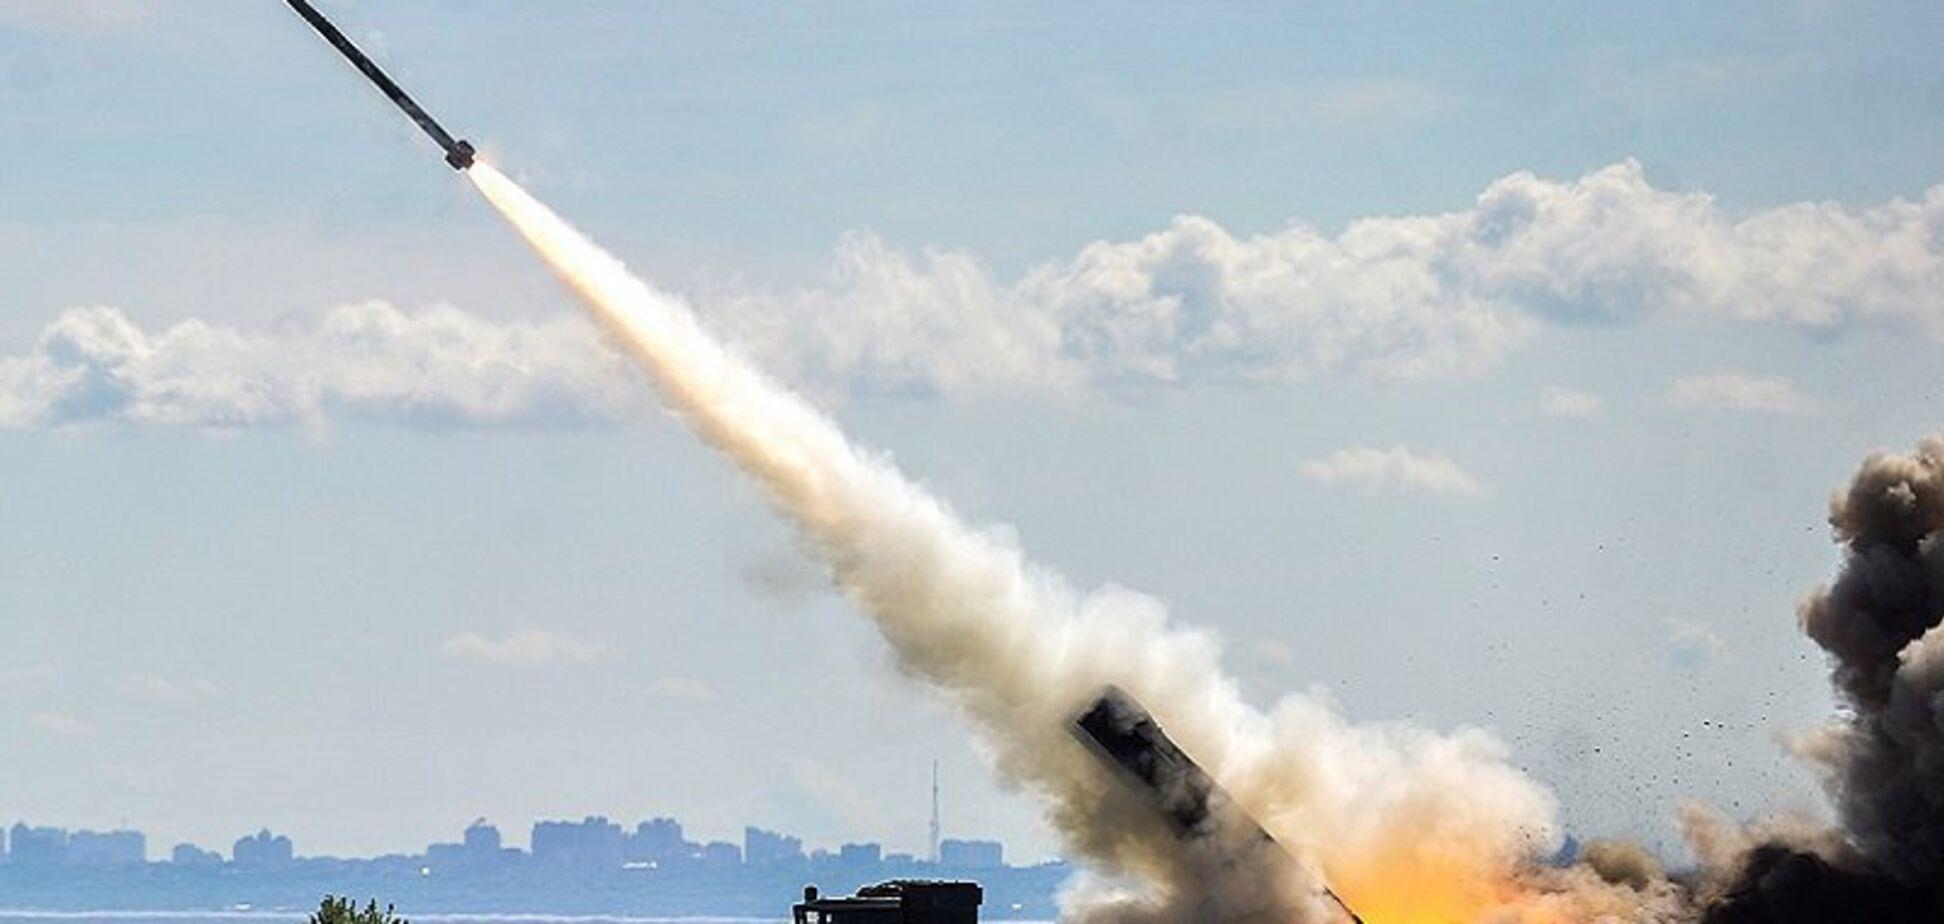 Нова зброя України: високоточний комплекс залпового вогню 'Вільха', вперше – детально